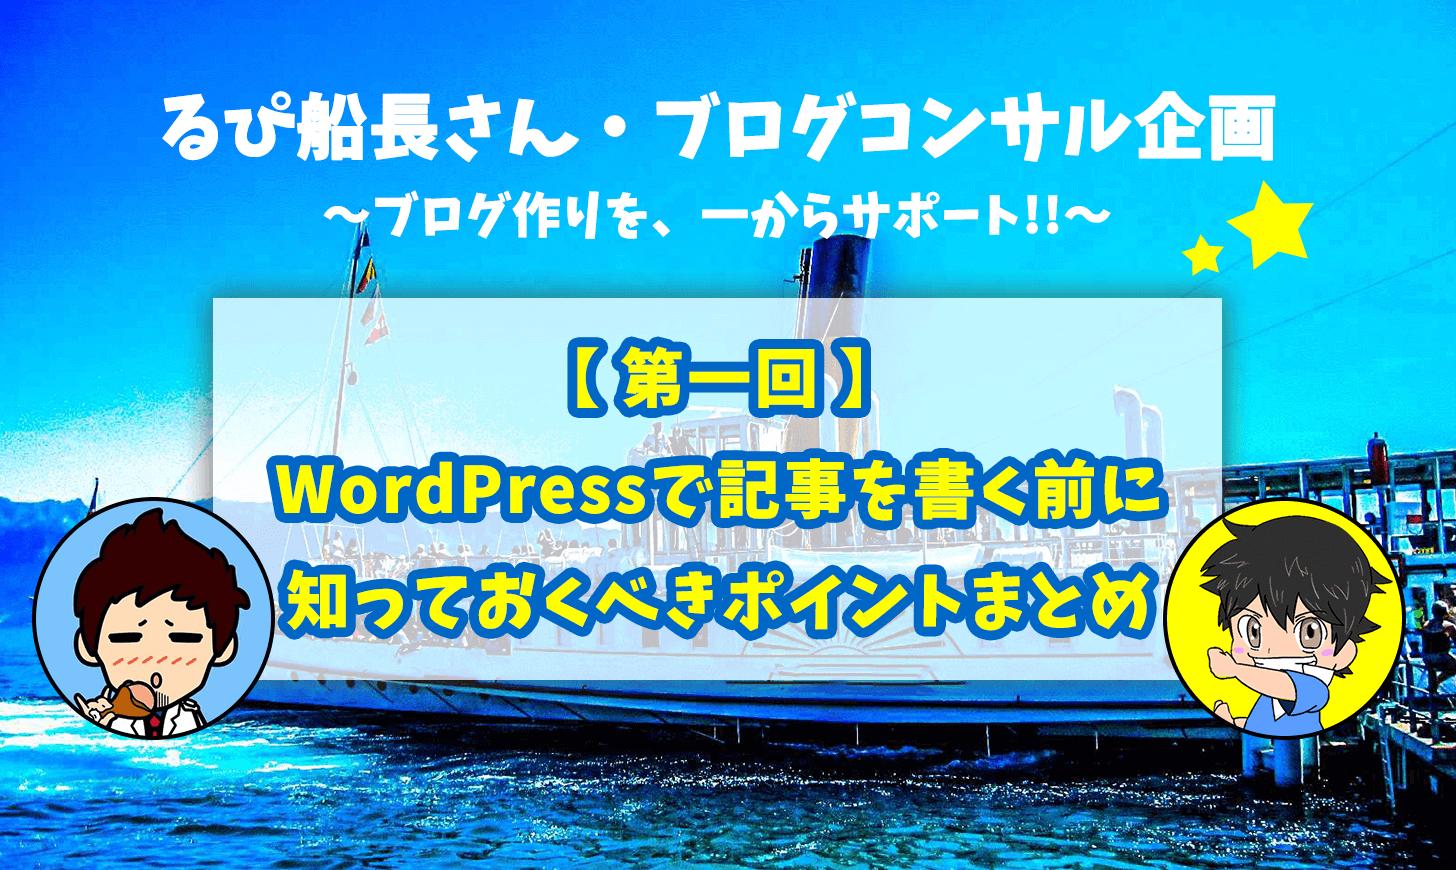 るぴ船長さん ブログコンサル企画